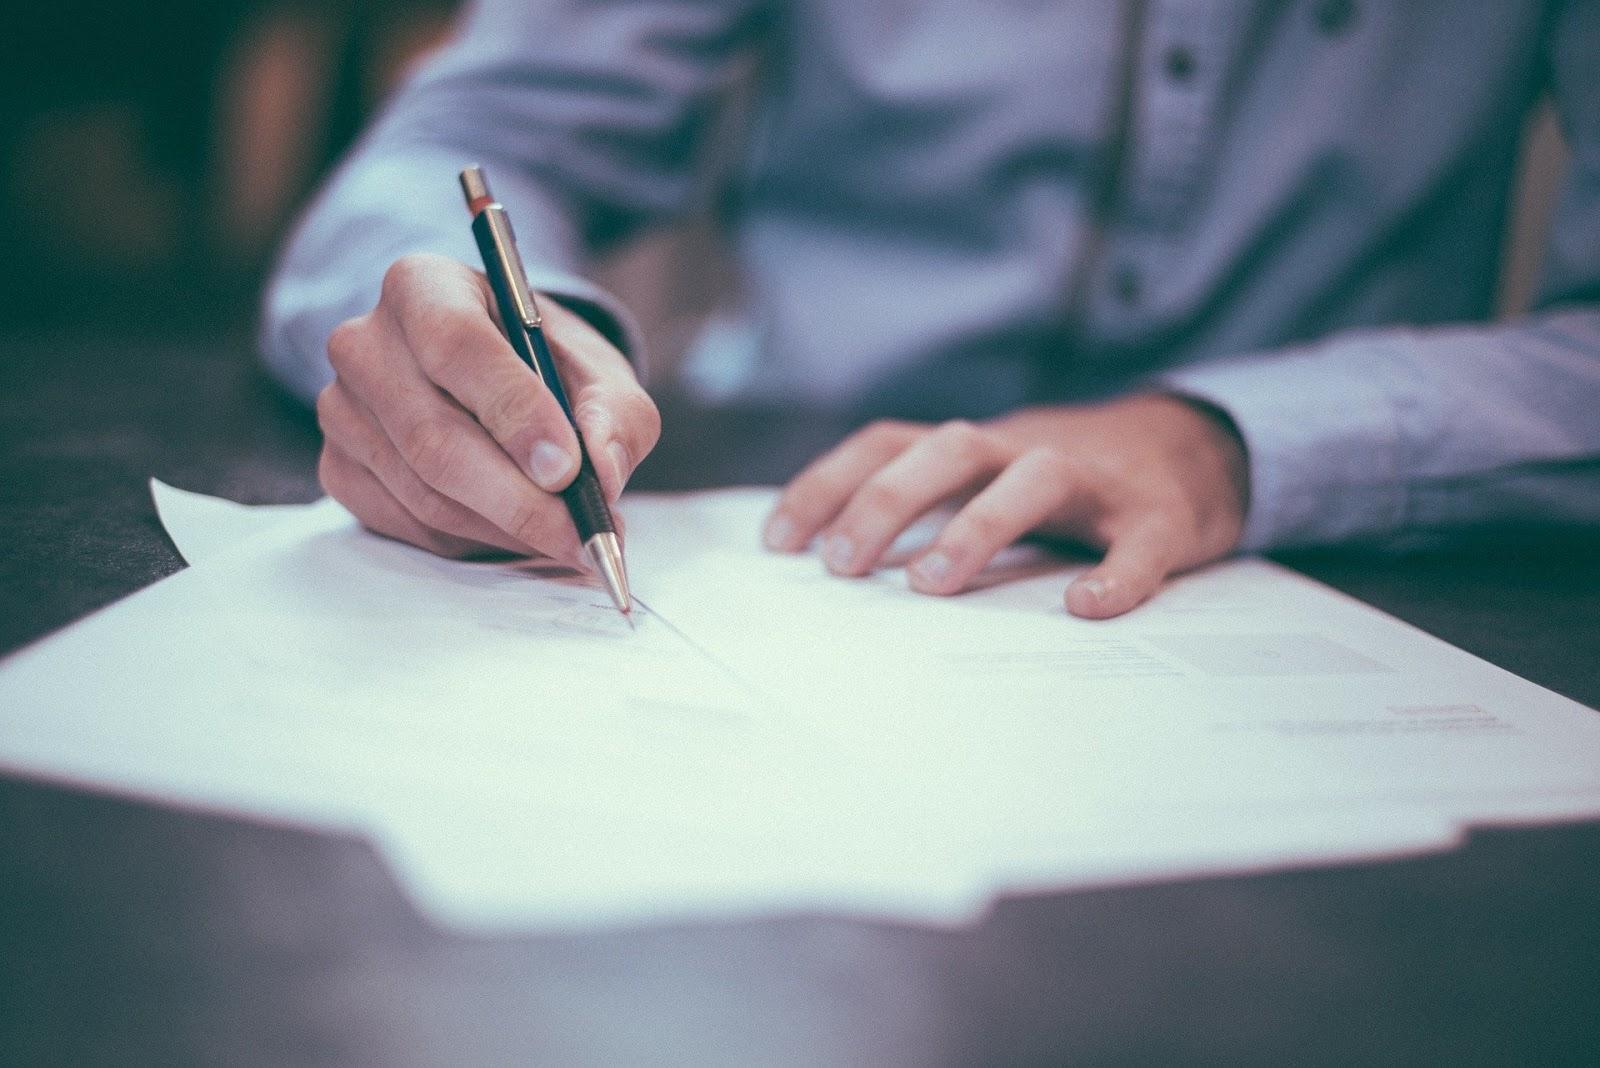 Internship offer letter: Guy writing a letter